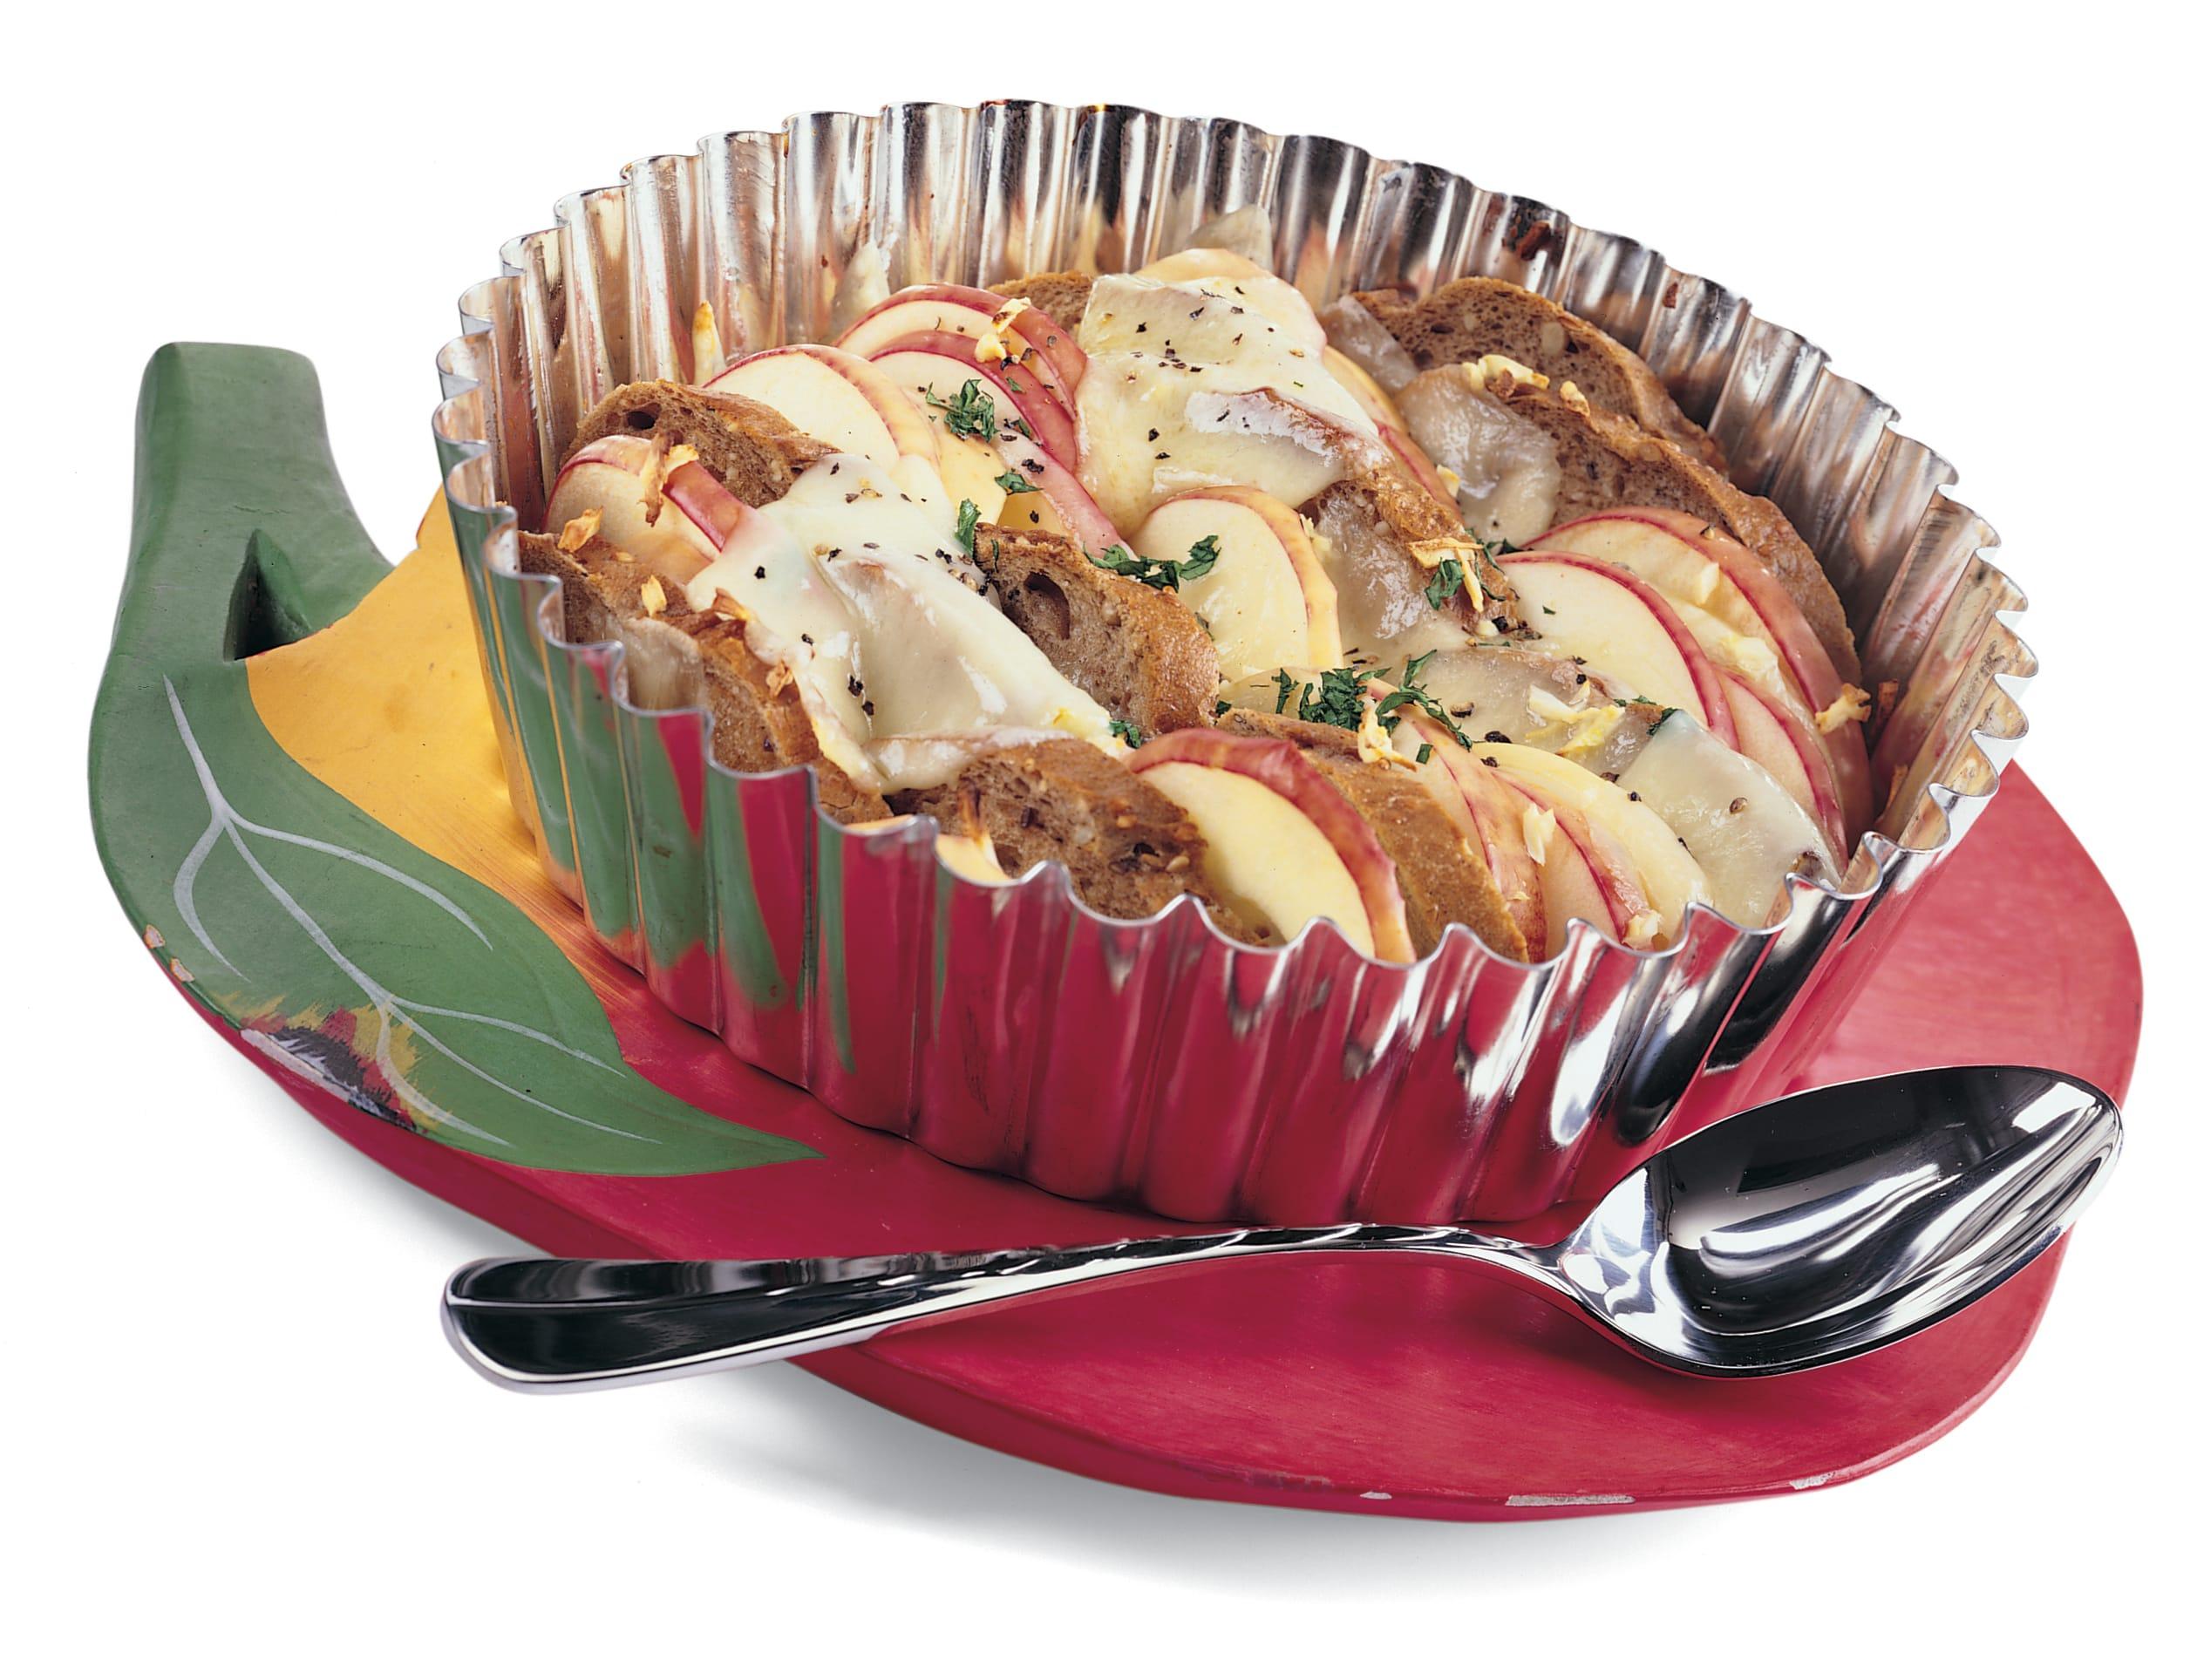 Crostata mit Pfeffer-Raclettekäse